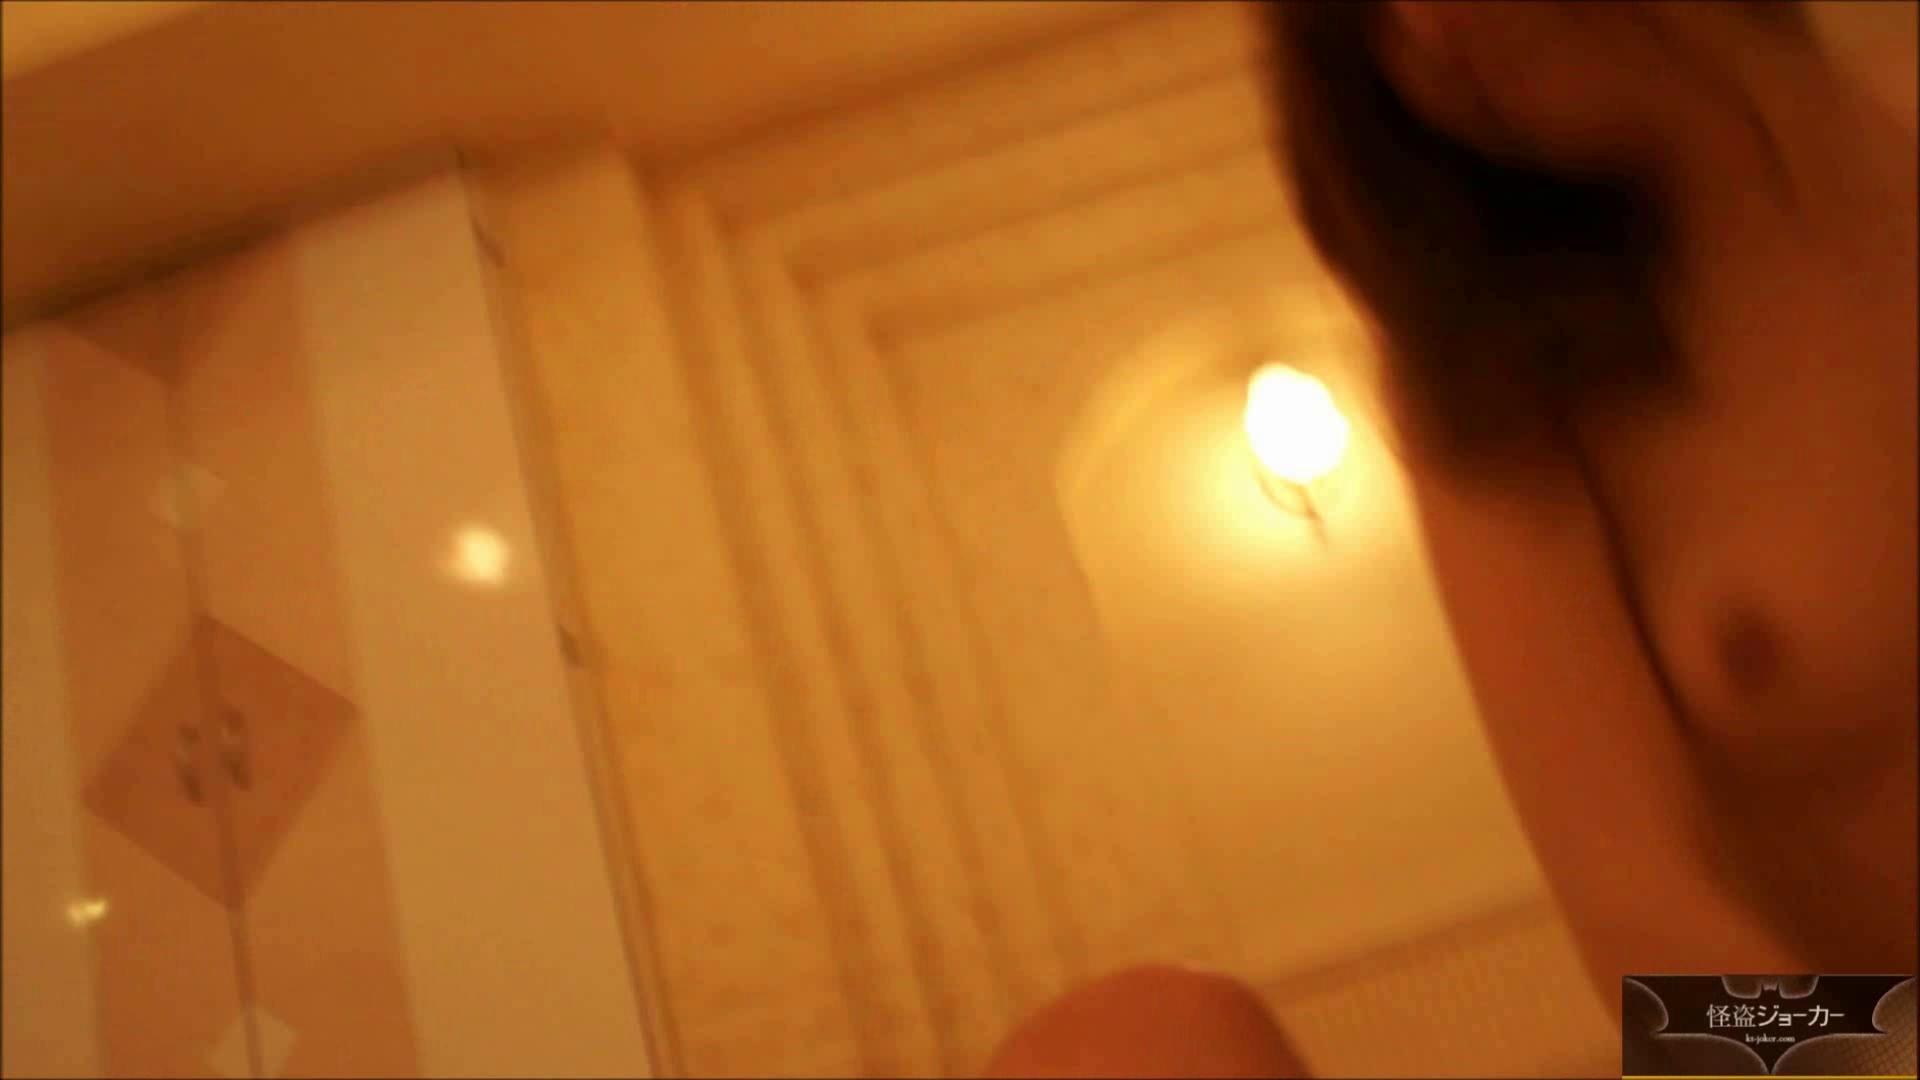 【未公開】vol.36 【援助】鏡越しの朋葉を見ながら・・・ 丸見え セックス画像 88枚 13